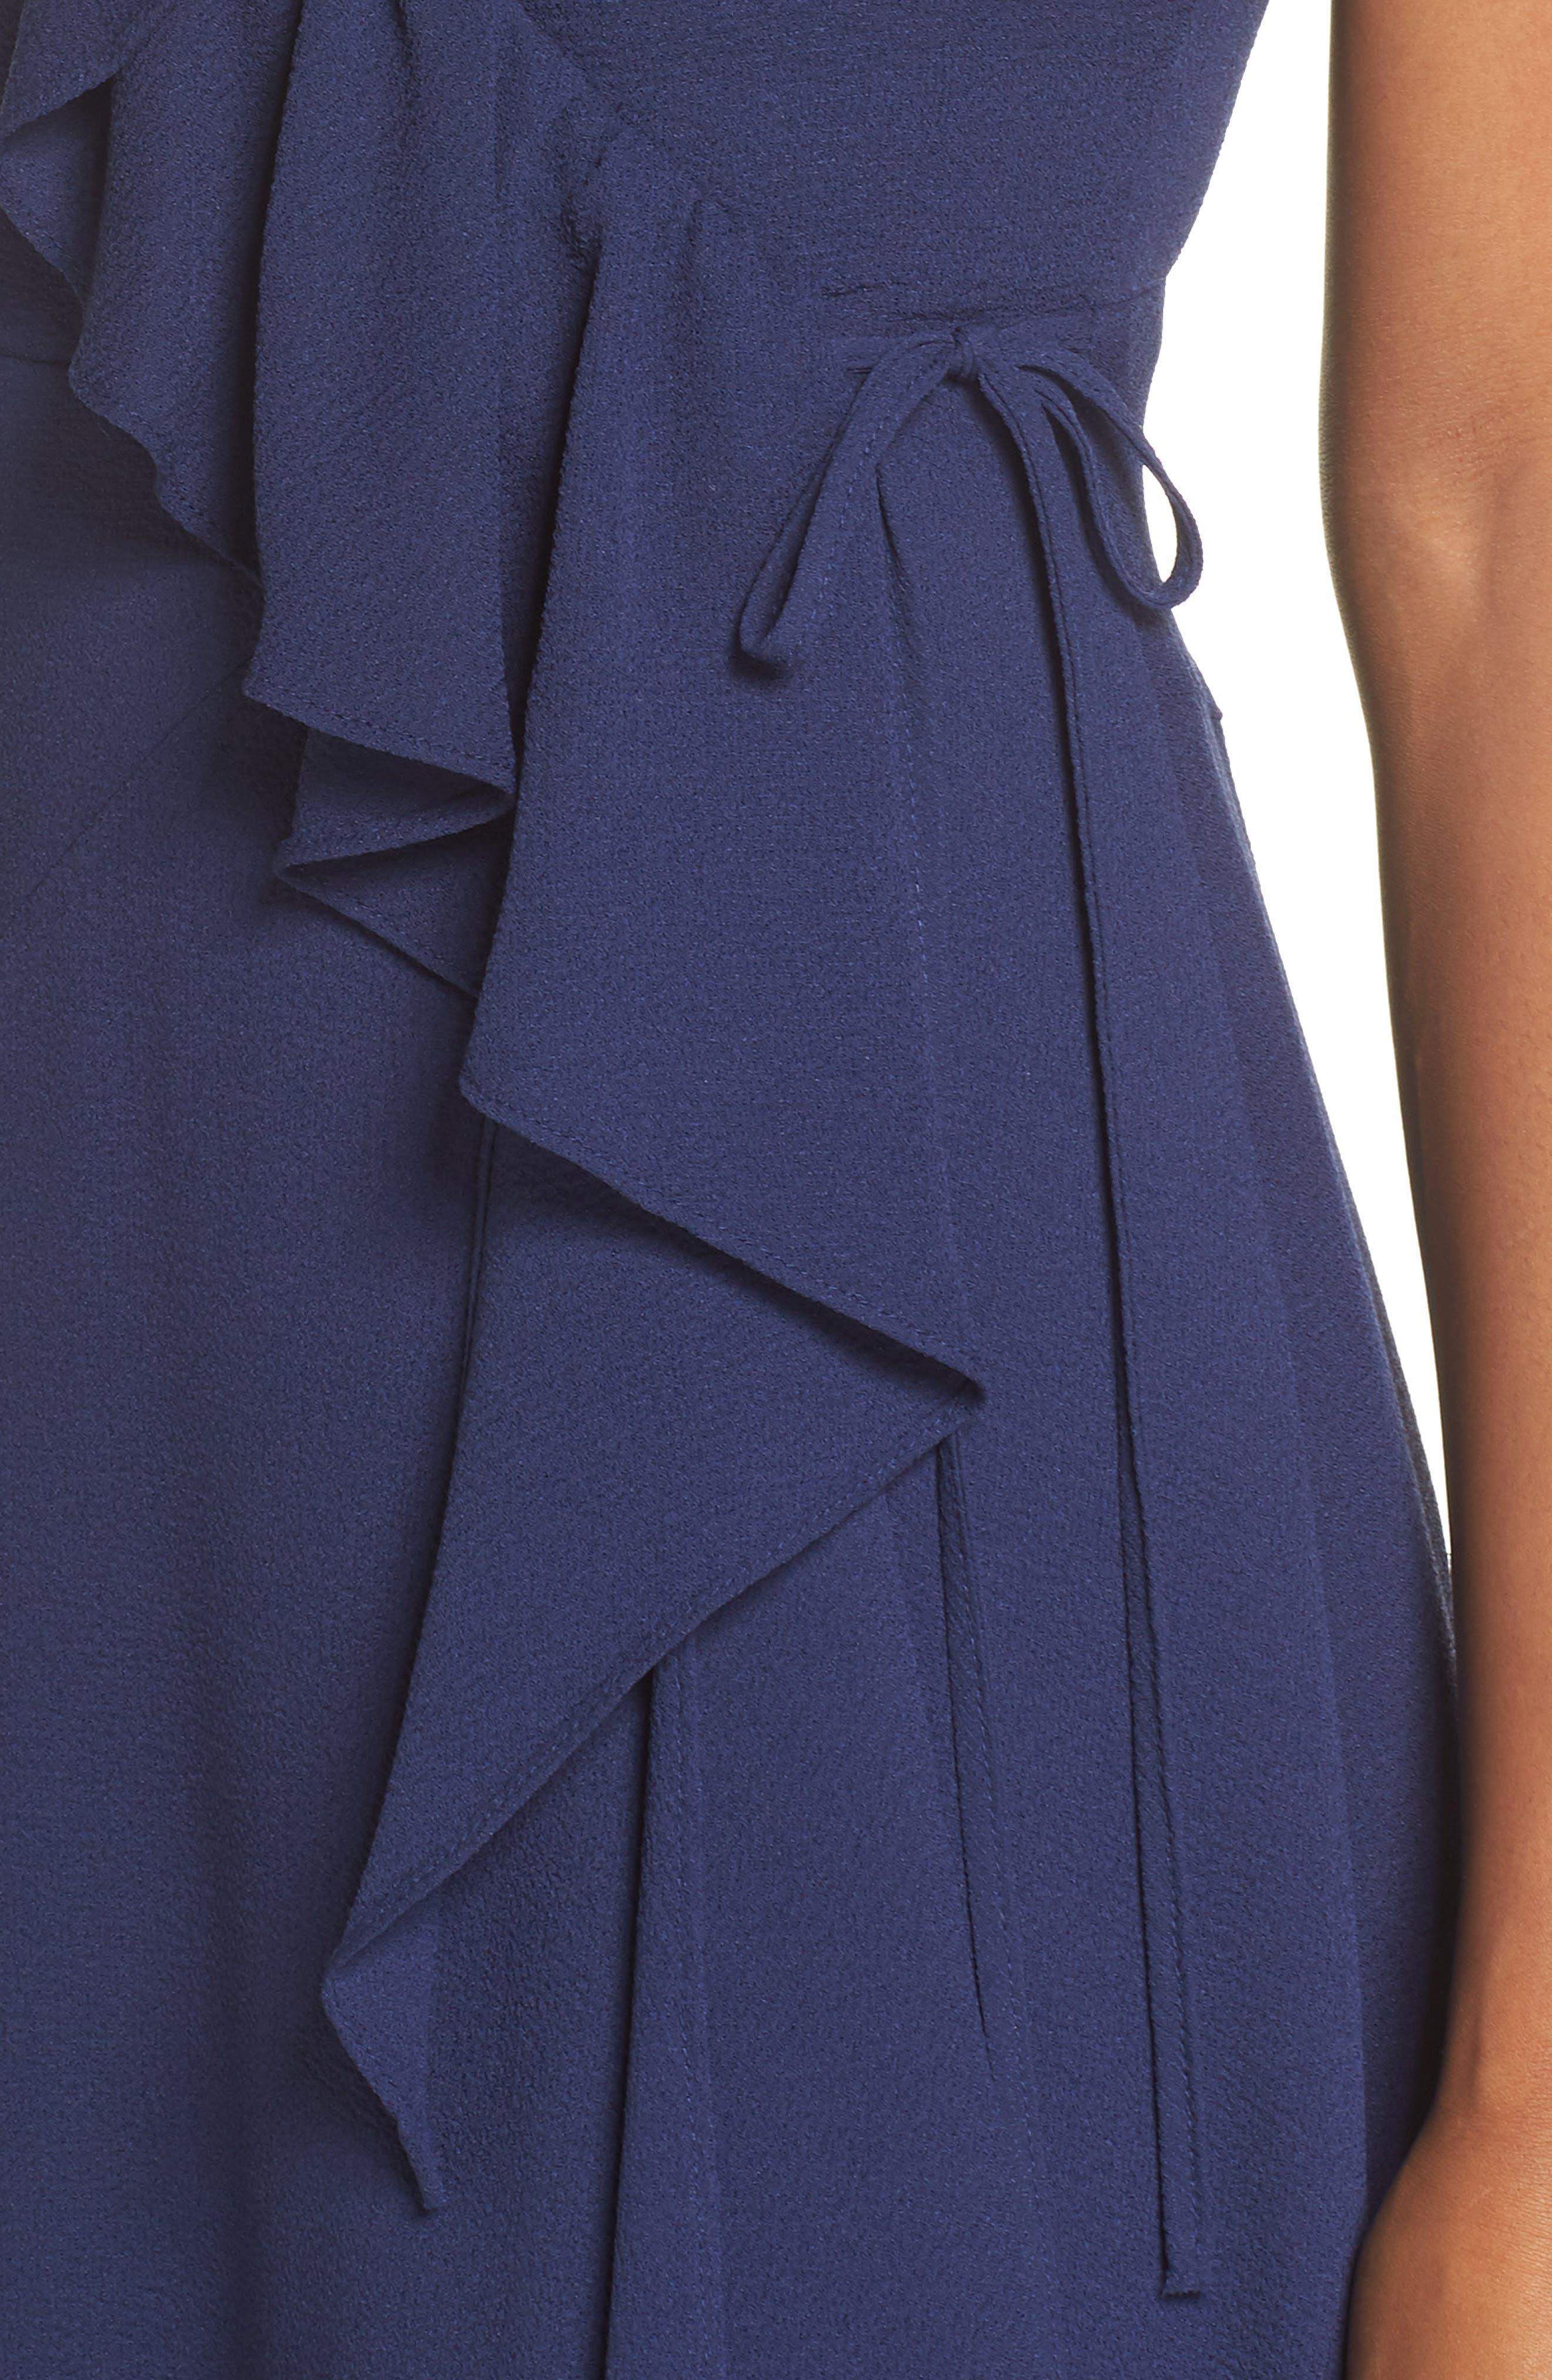 Georgette Faux Wrap Dress,                             Alternate thumbnail 4, color,                             460